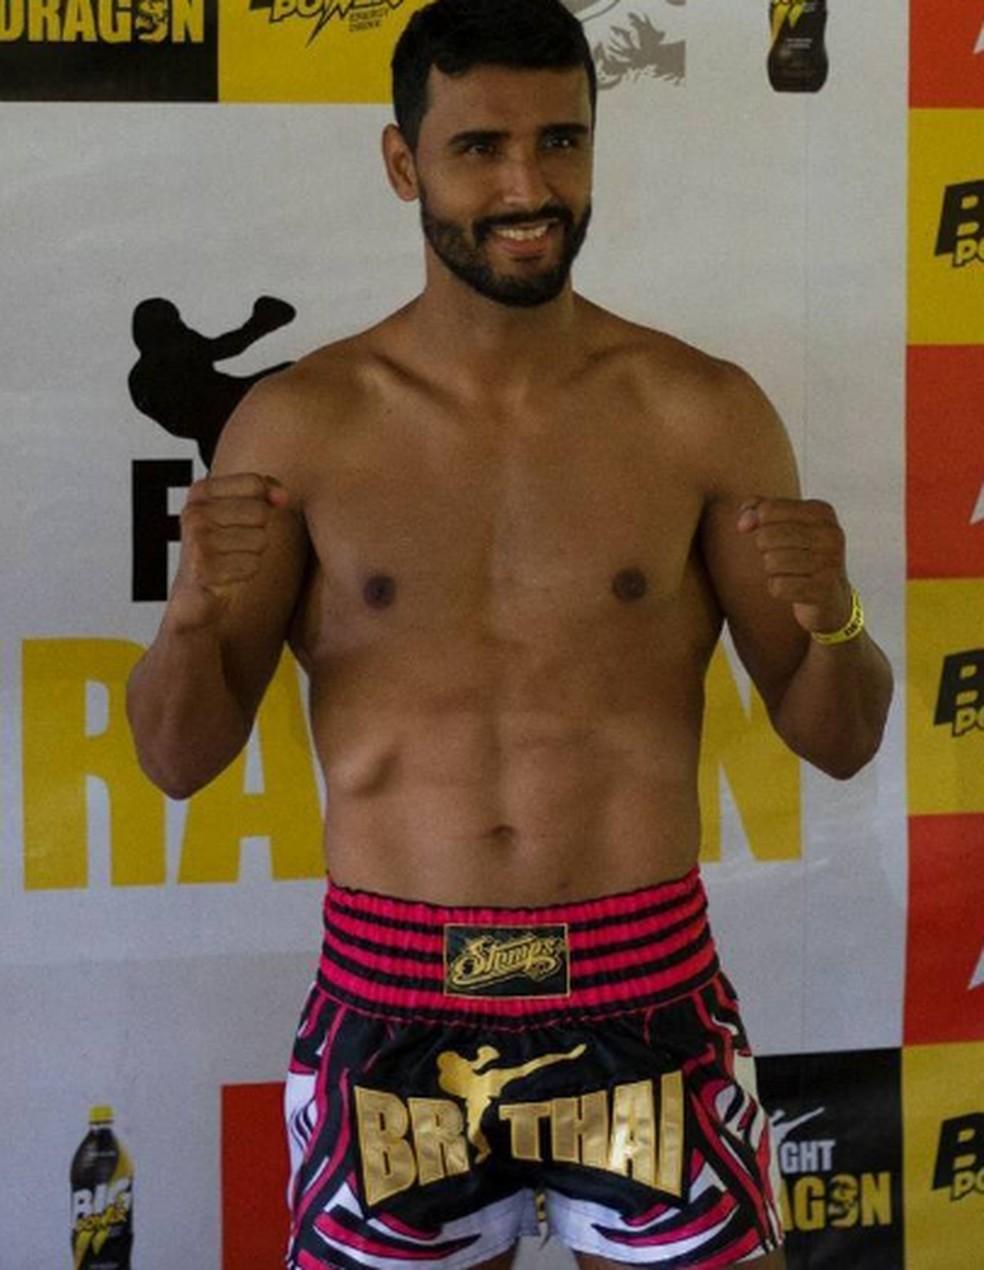 Rafael Beiton, de 31 anos, morreu após luta de kickboxing em Mogi — Foto: Reprodução/Facebook